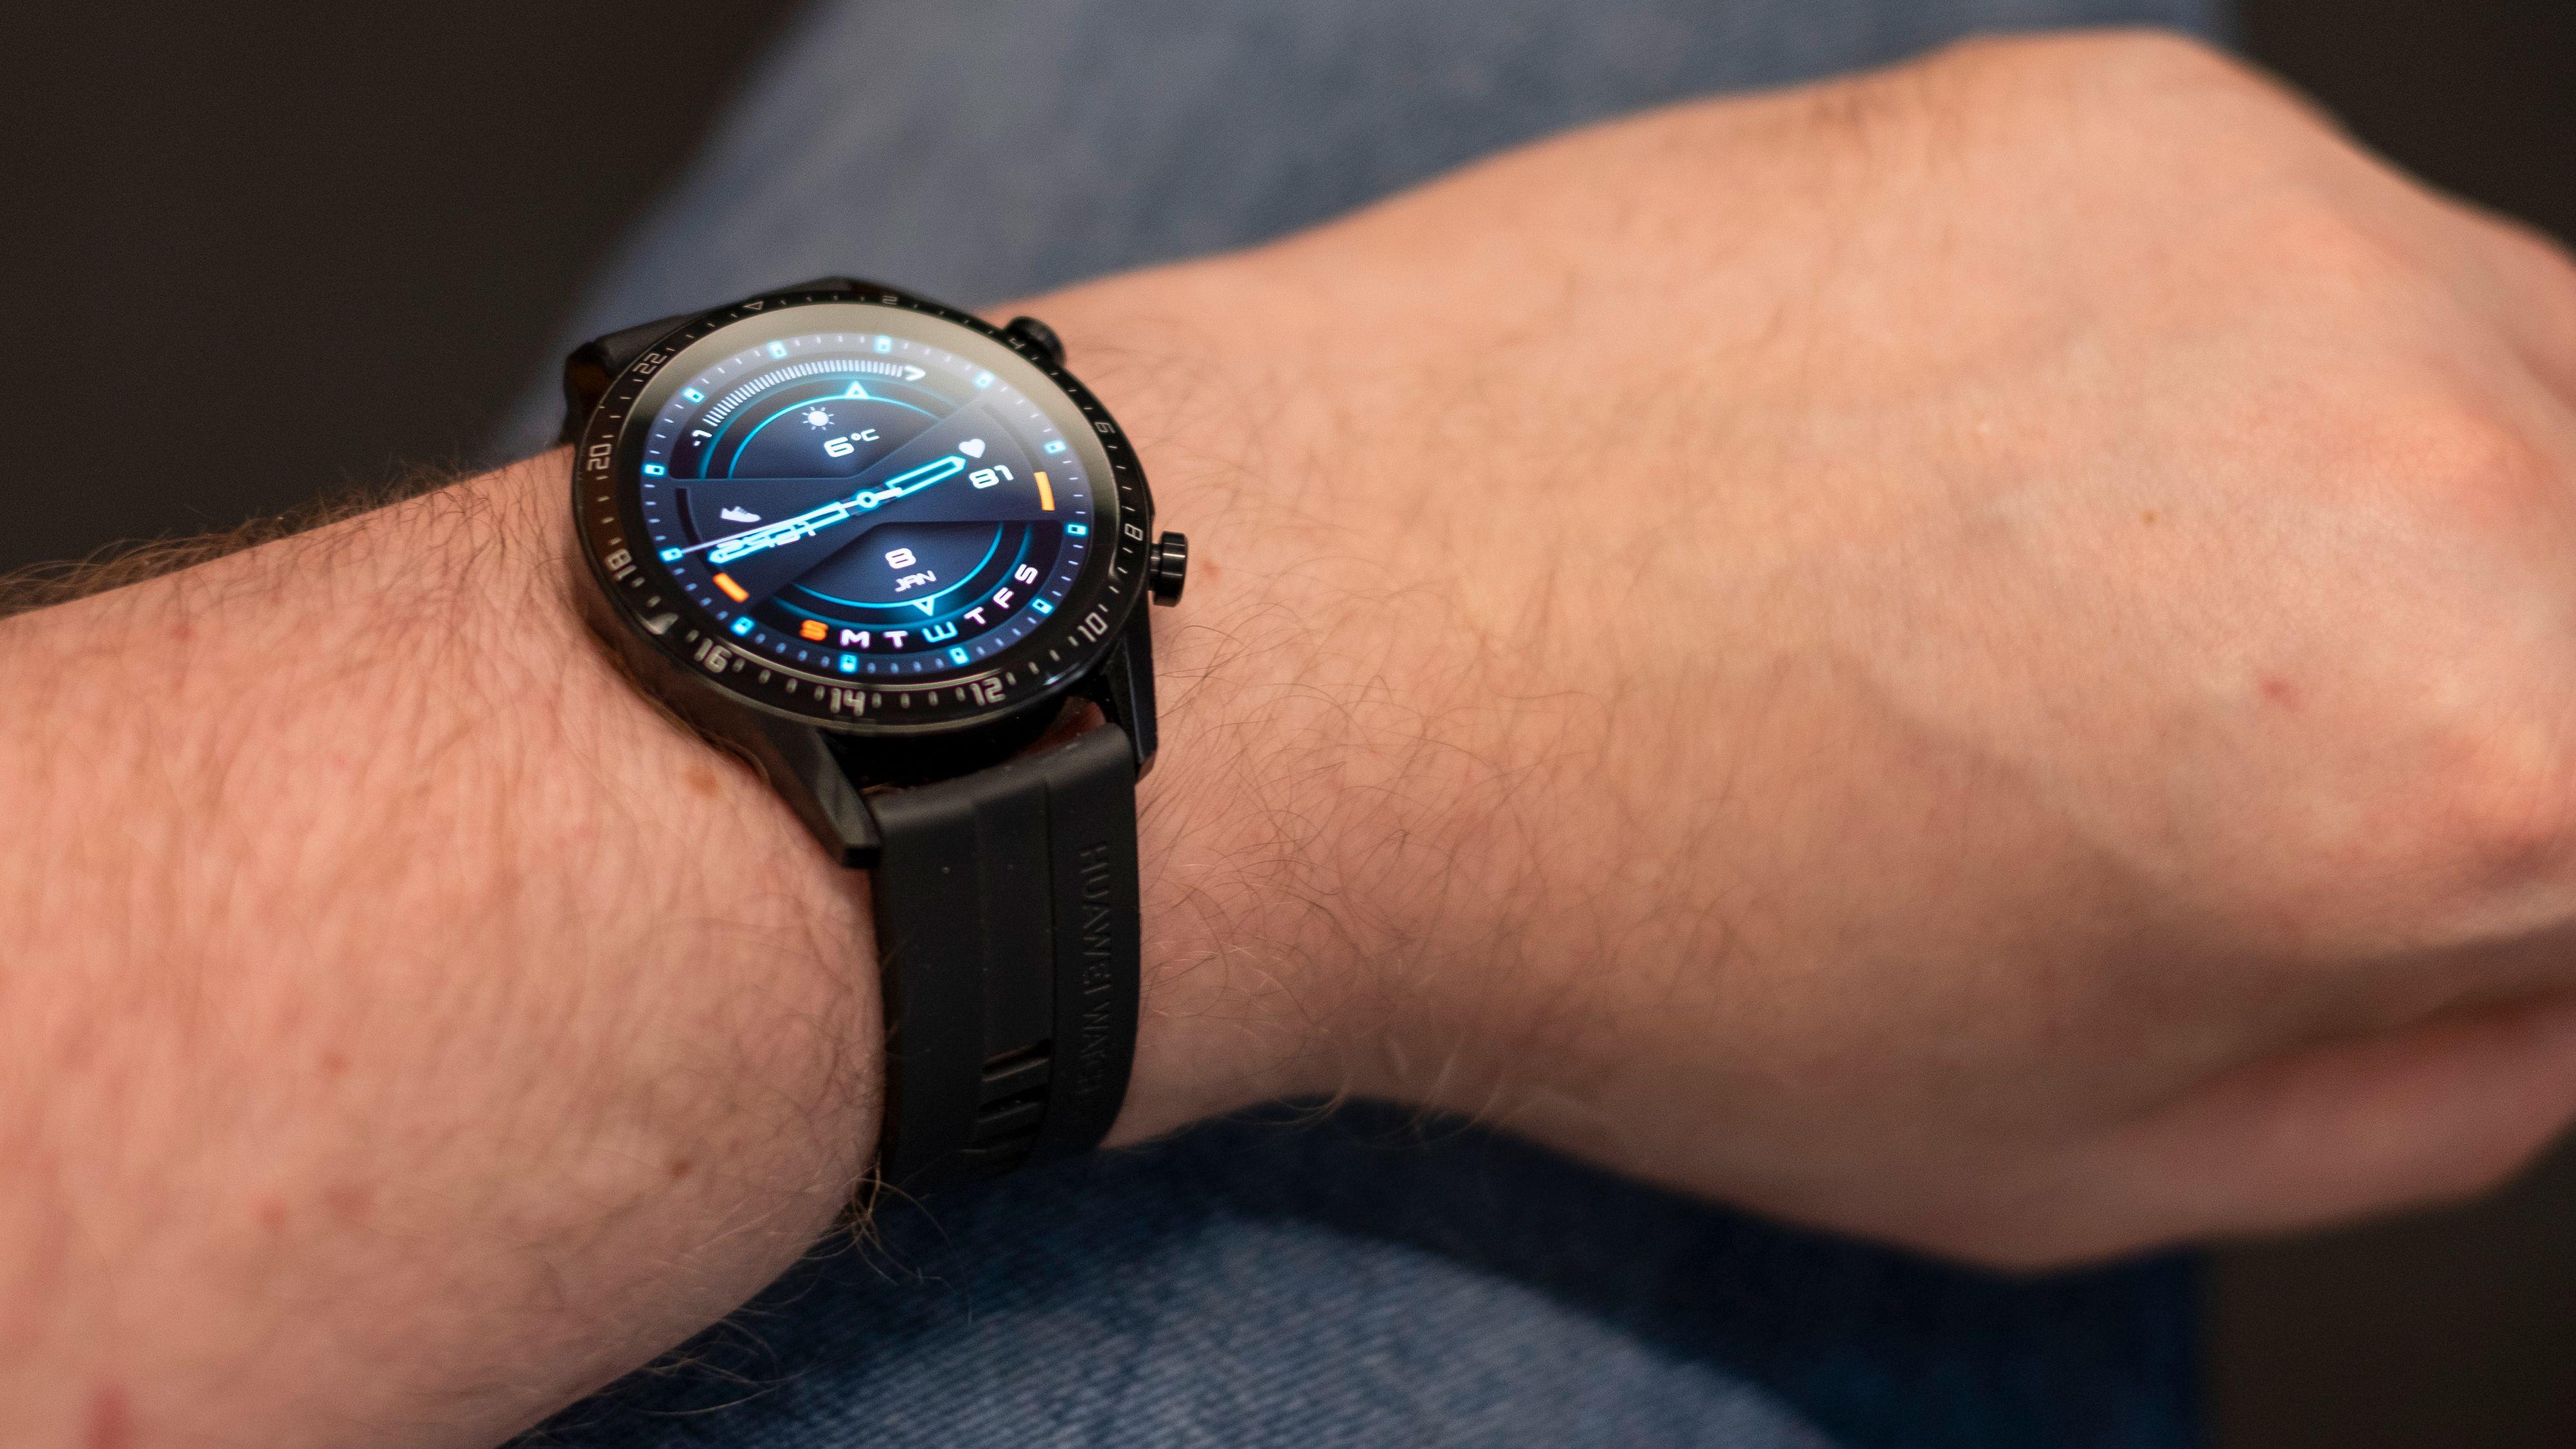 Watch GT2 fra Huawei ser lekker ut, koster lite og varer leeenge på en lading. Hvis du er interessert i å spore ting som søvnkvalitet og aktivitet er dette blant de beste alternativene på markedet.